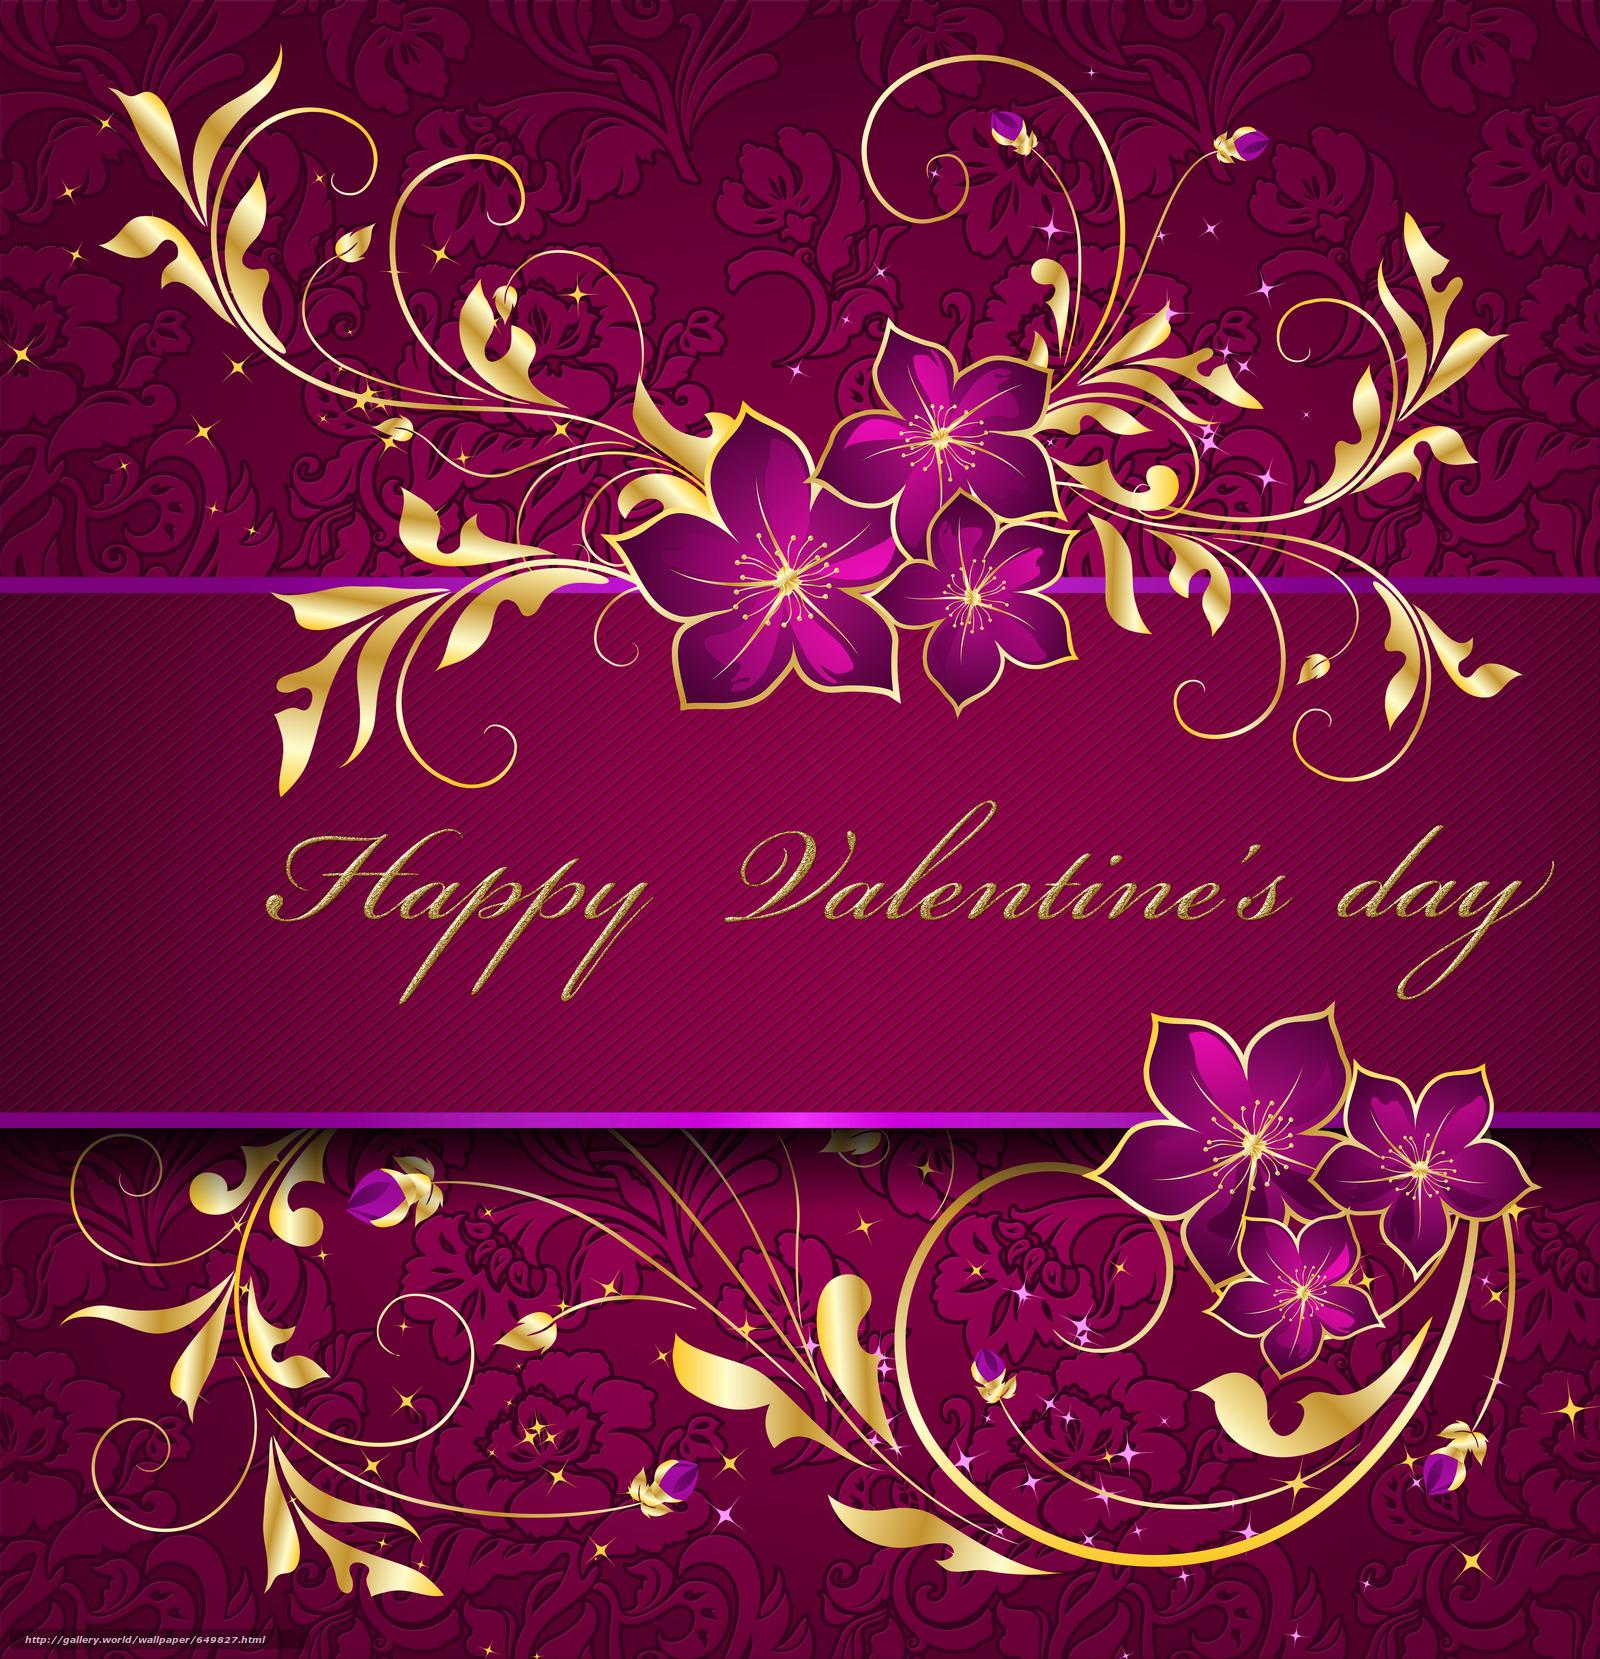 Скачать обои Валентинки,  Валентинка,  День святого Валентина,  день влюблённых бесплатно для рабочего стола в разрешении 5787x6000 — картинка №649827